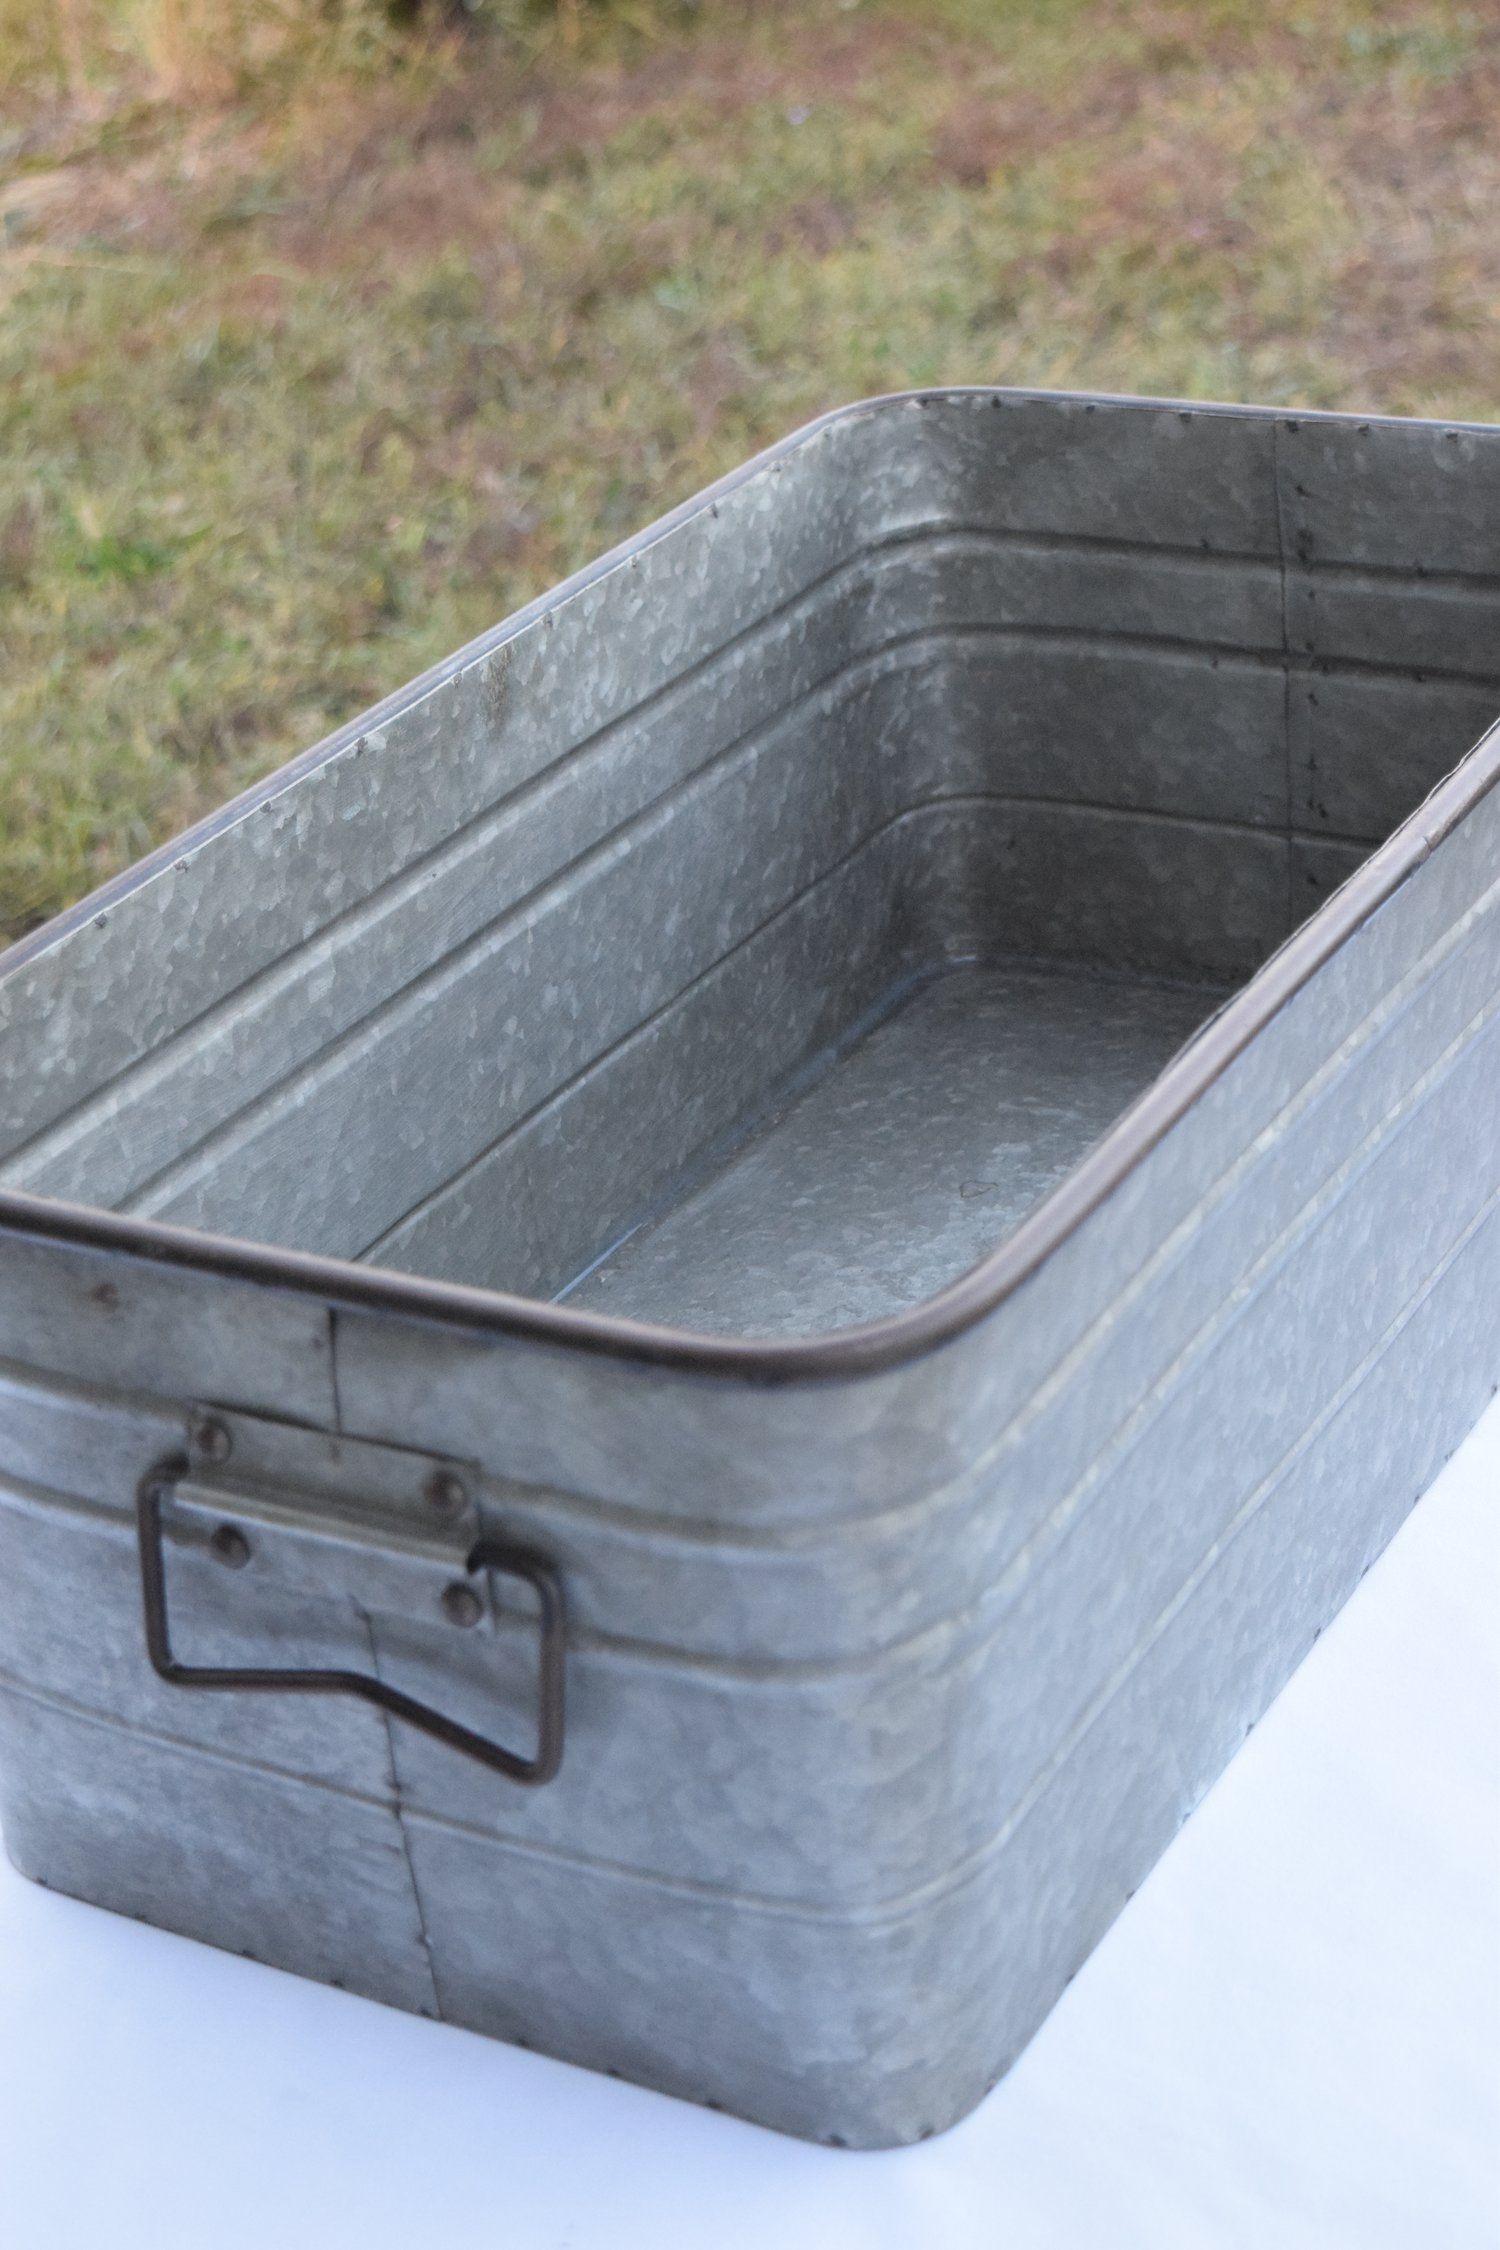 Rectangular Galvanized Tub Galvanized Tub Galvanized Bathtub